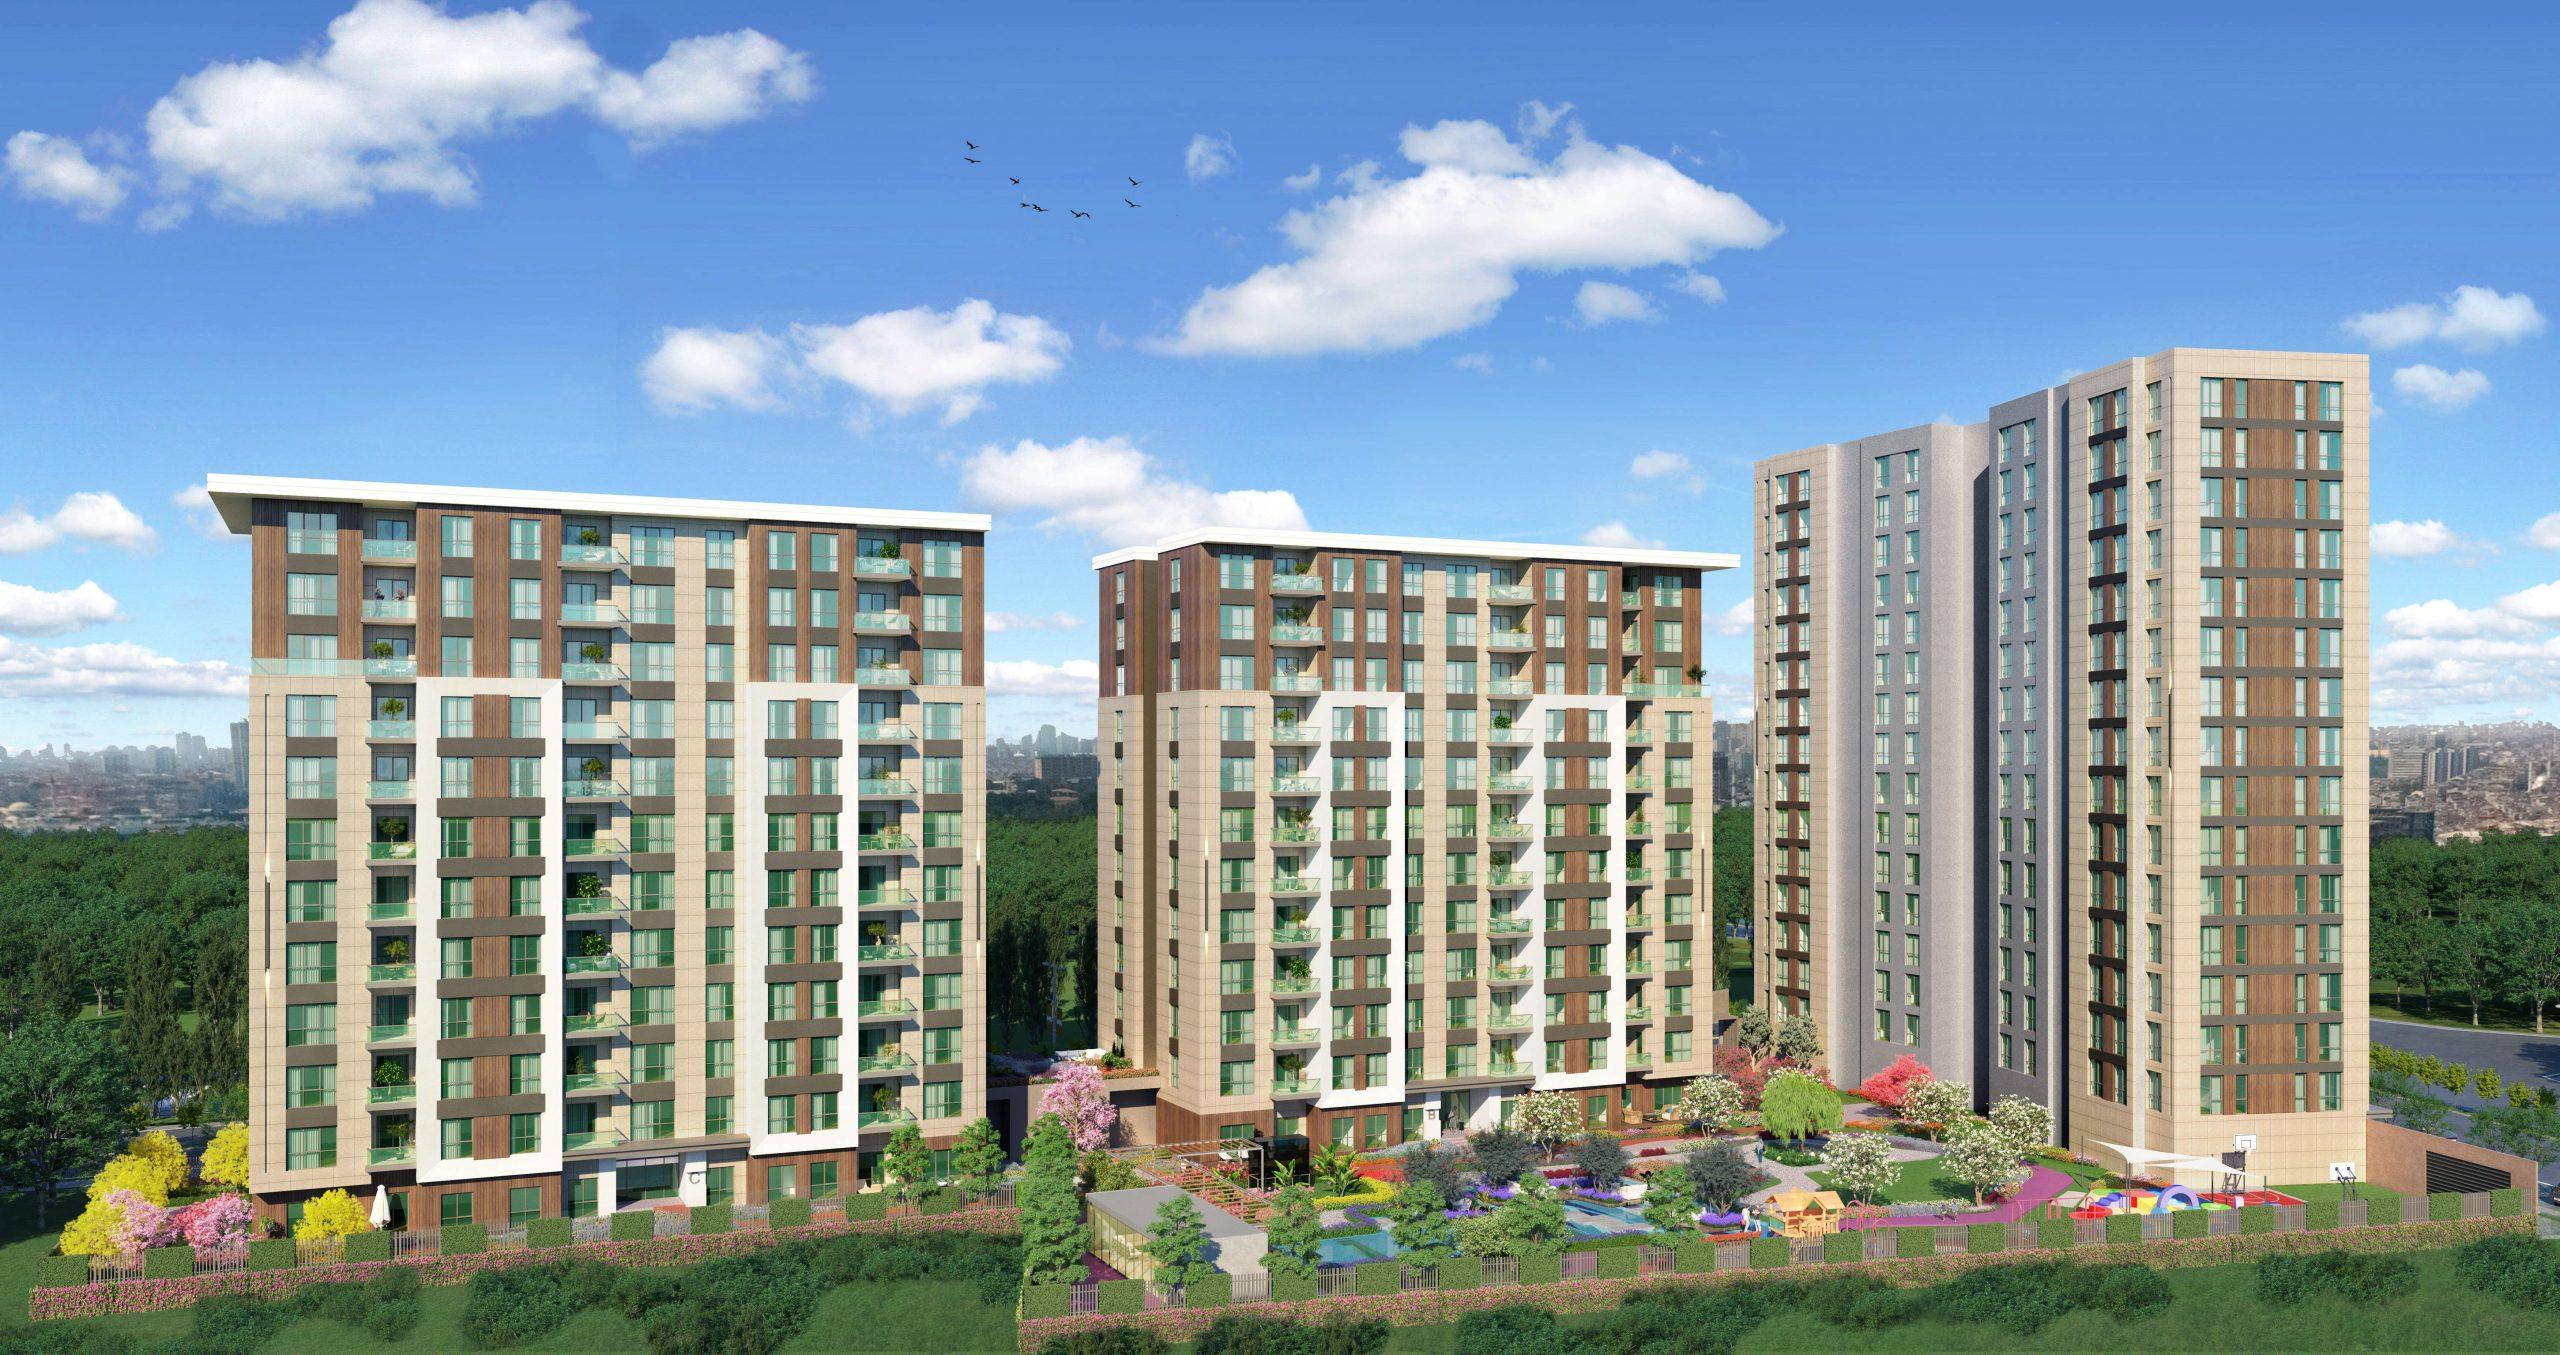 Современные квартиры различных планировок в районе Зейтинбурну - Фото 1